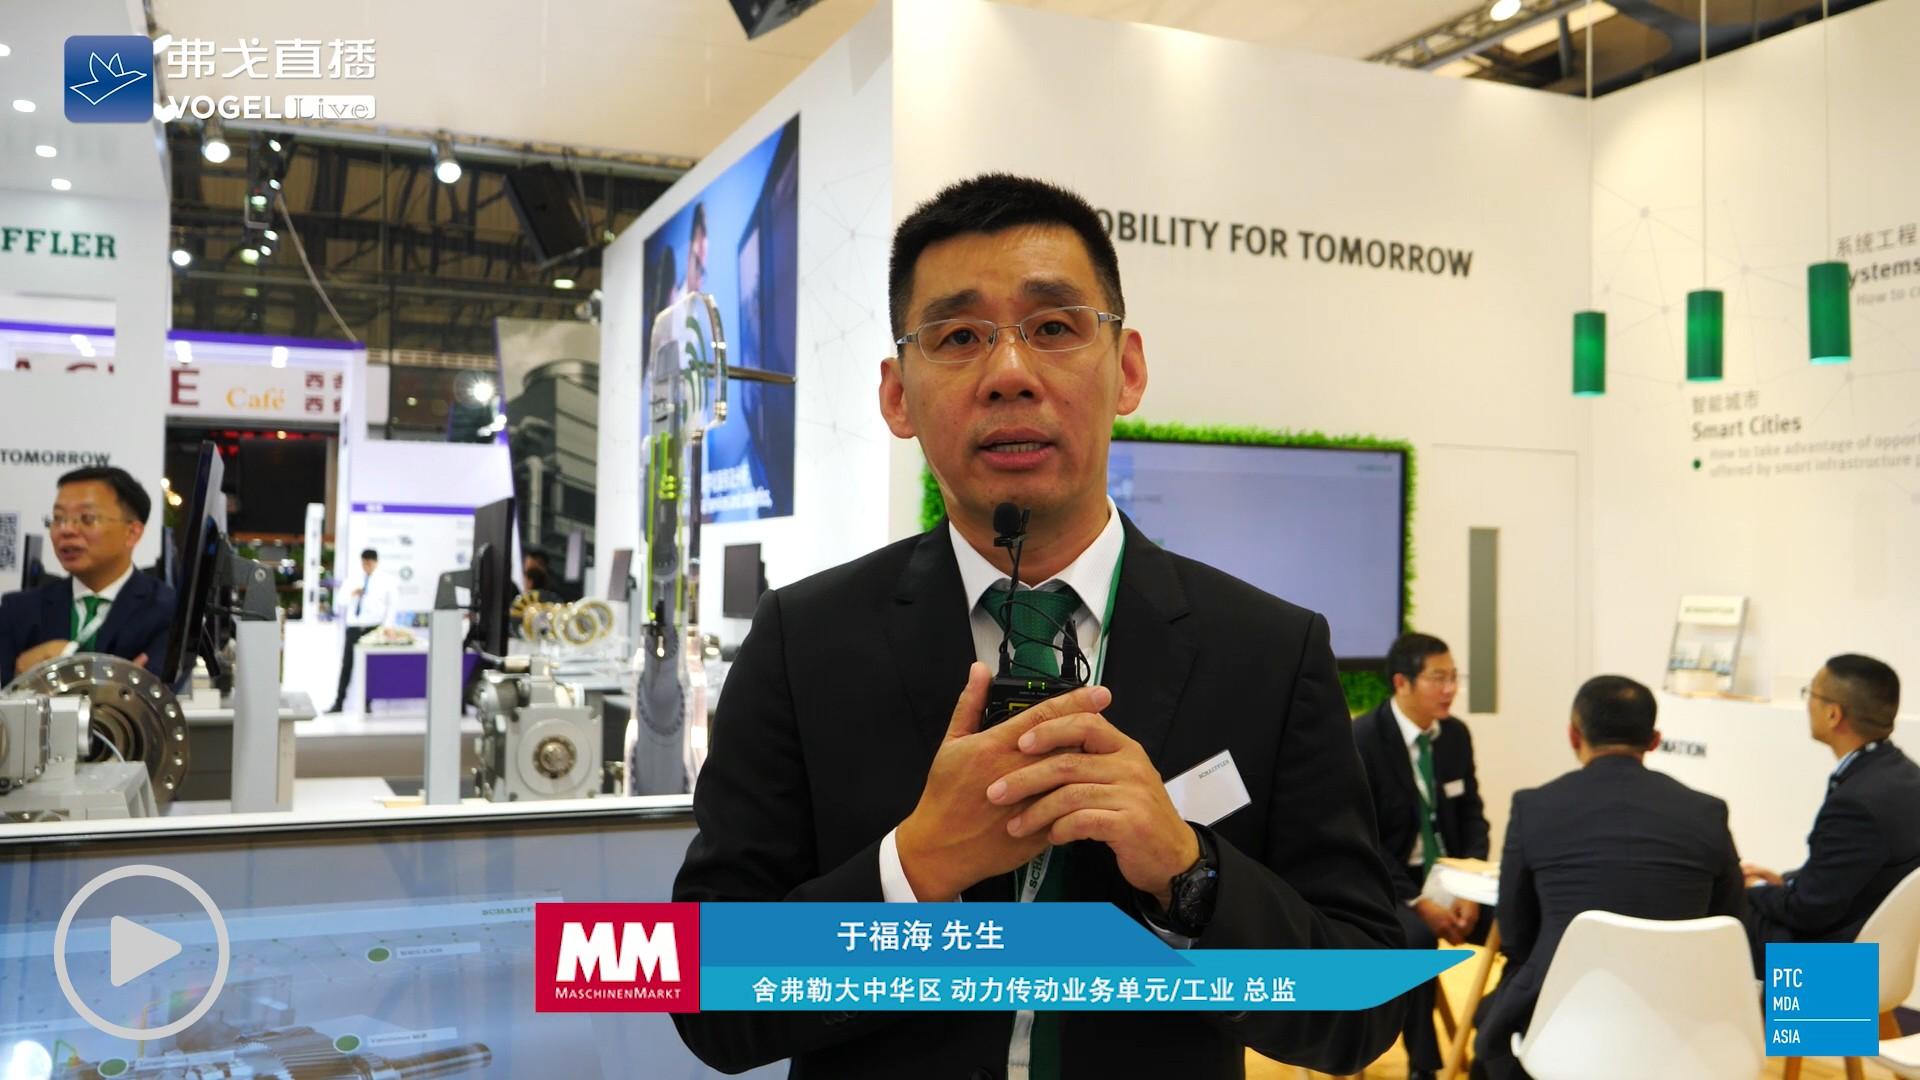 舍弗勒大中华区 动力传动业务单元/工业 总监 - 于福海 先生